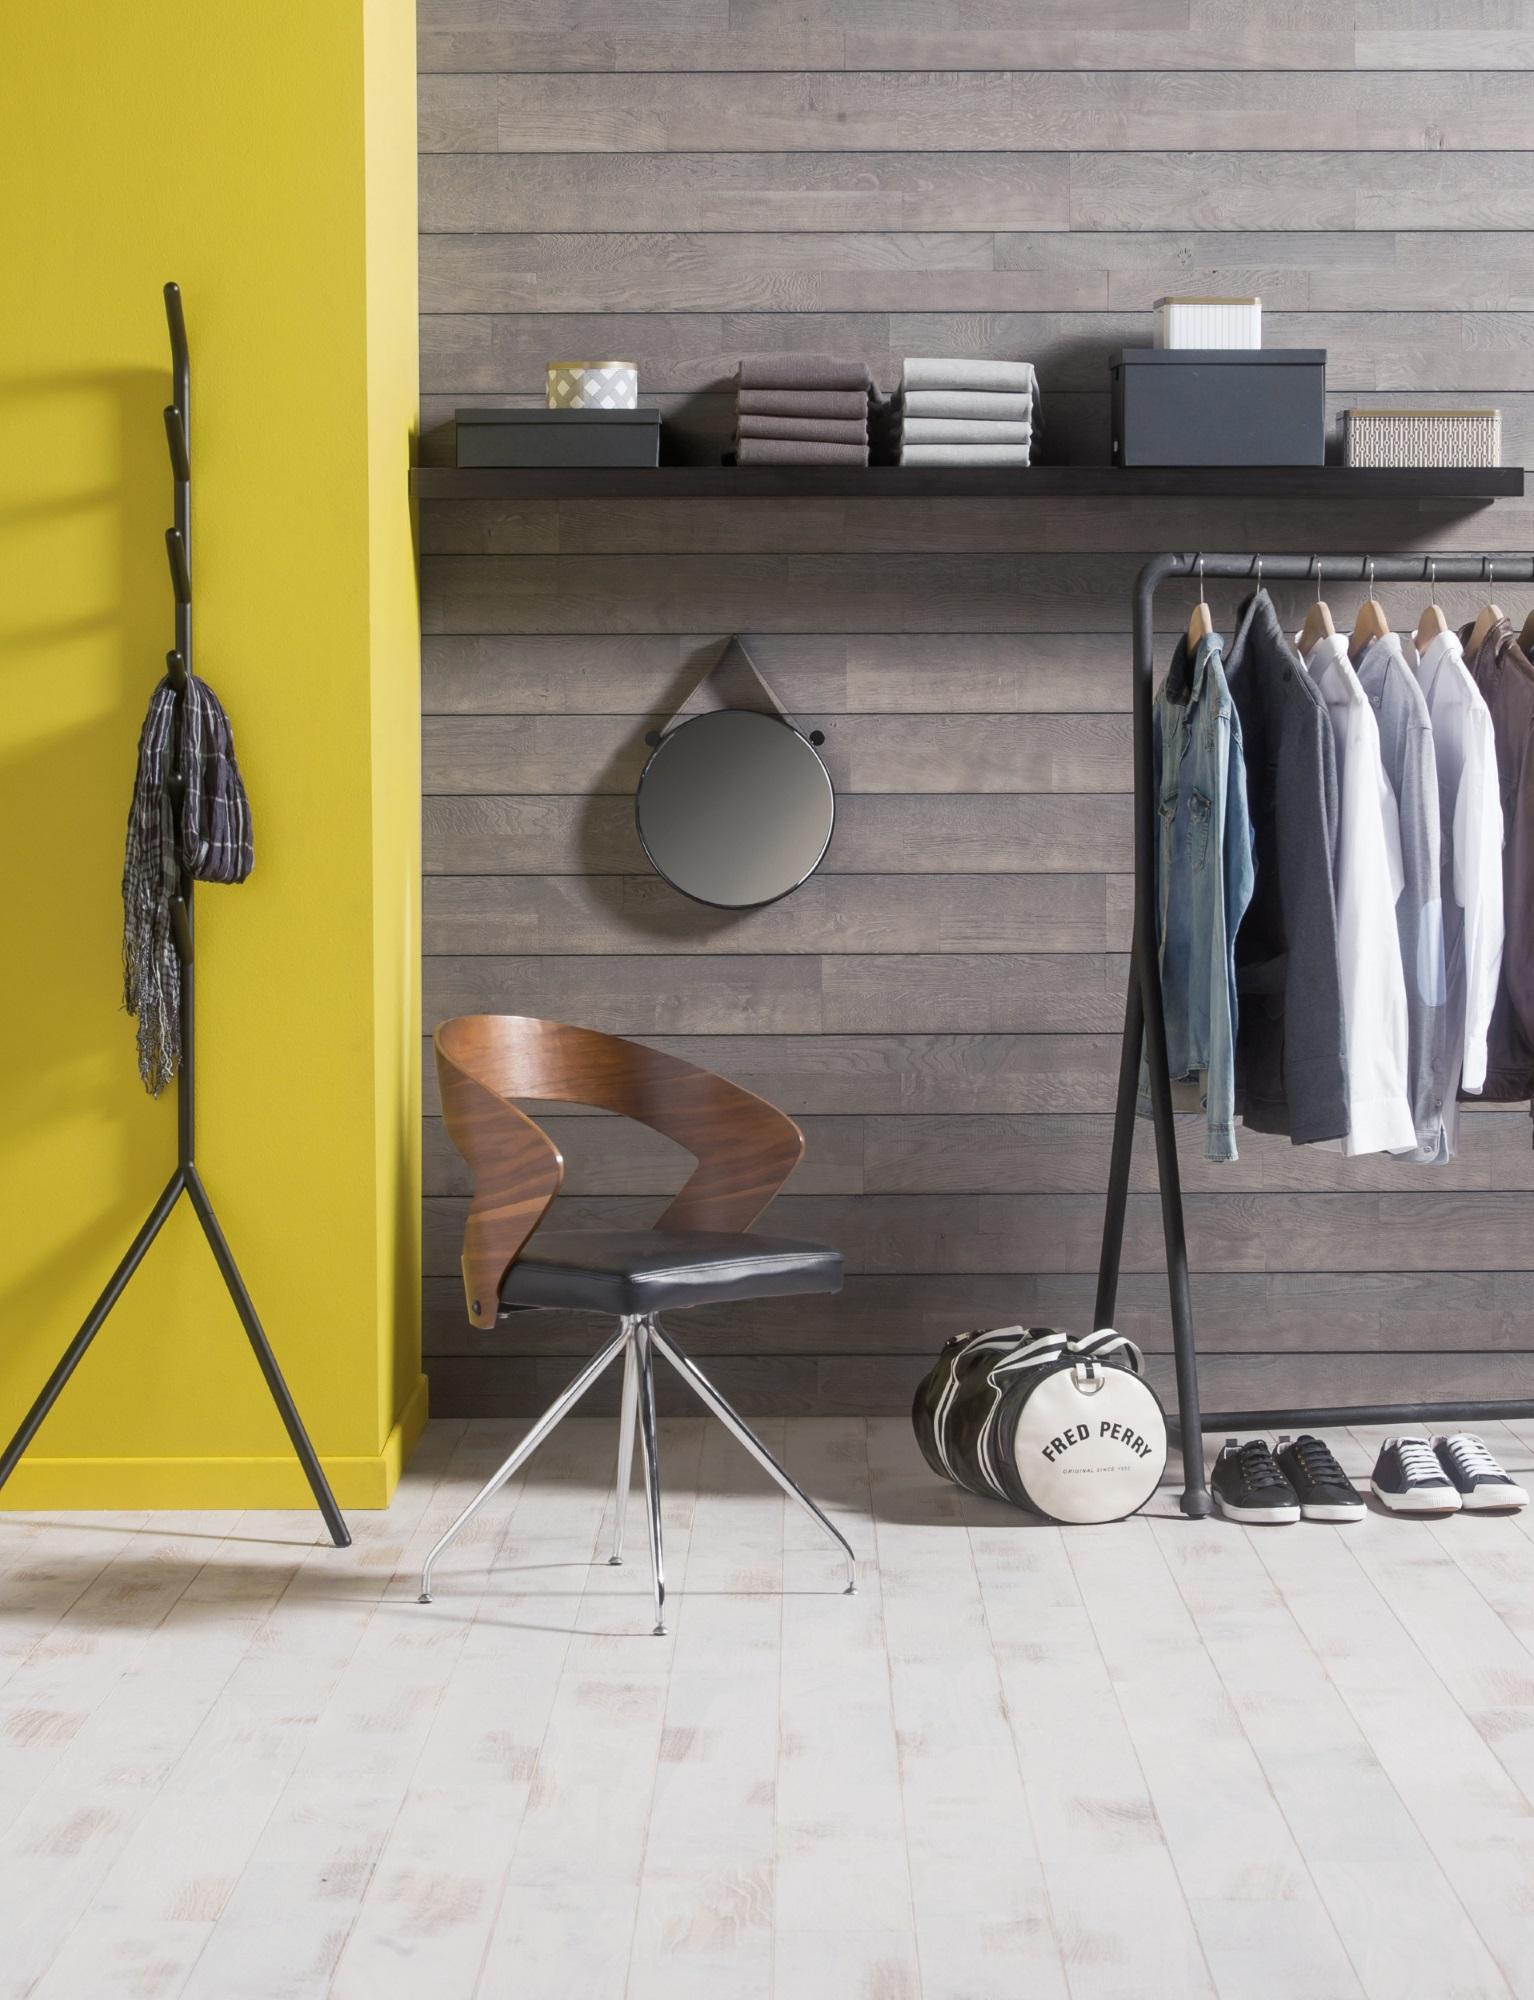 concept bois mural panaget ch ne duo gris cabane huil hue socoda n goces bois panneaux. Black Bedroom Furniture Sets. Home Design Ideas